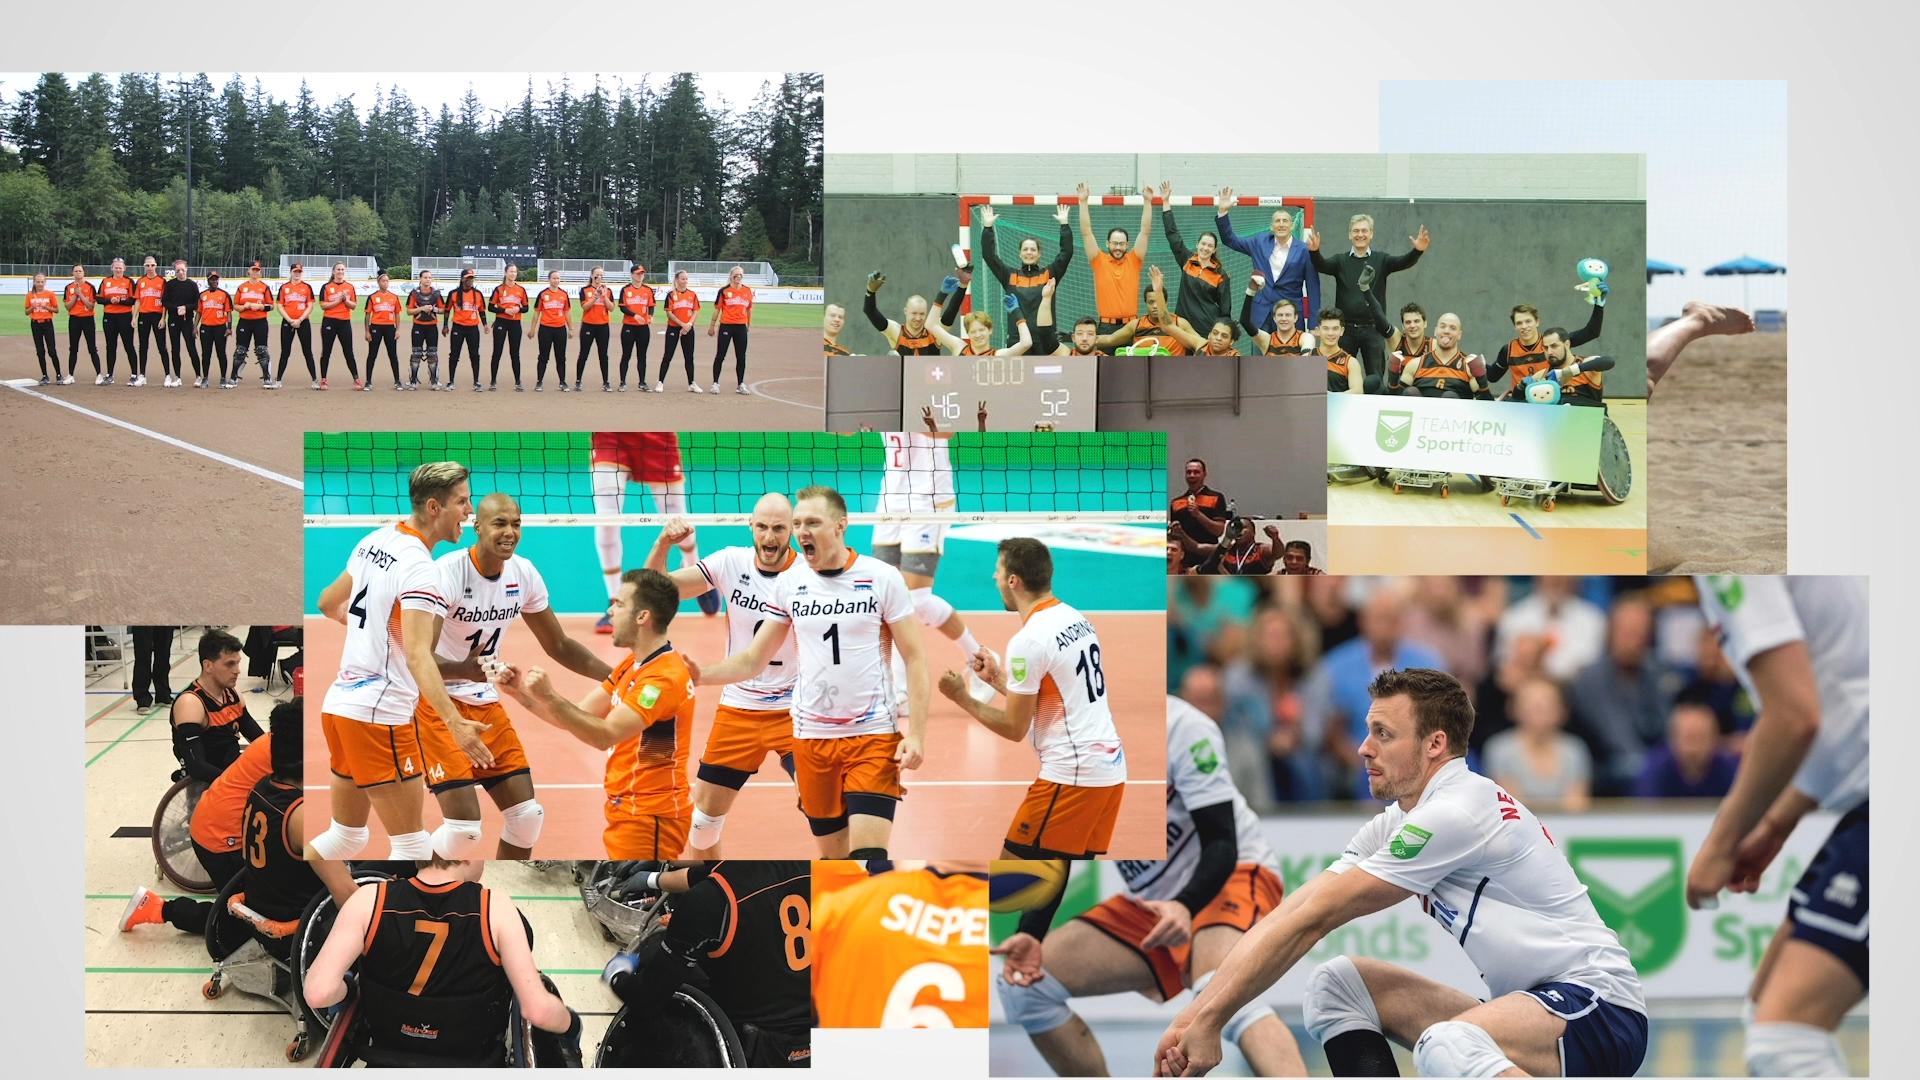 TEAMKPN Sportfonds promo